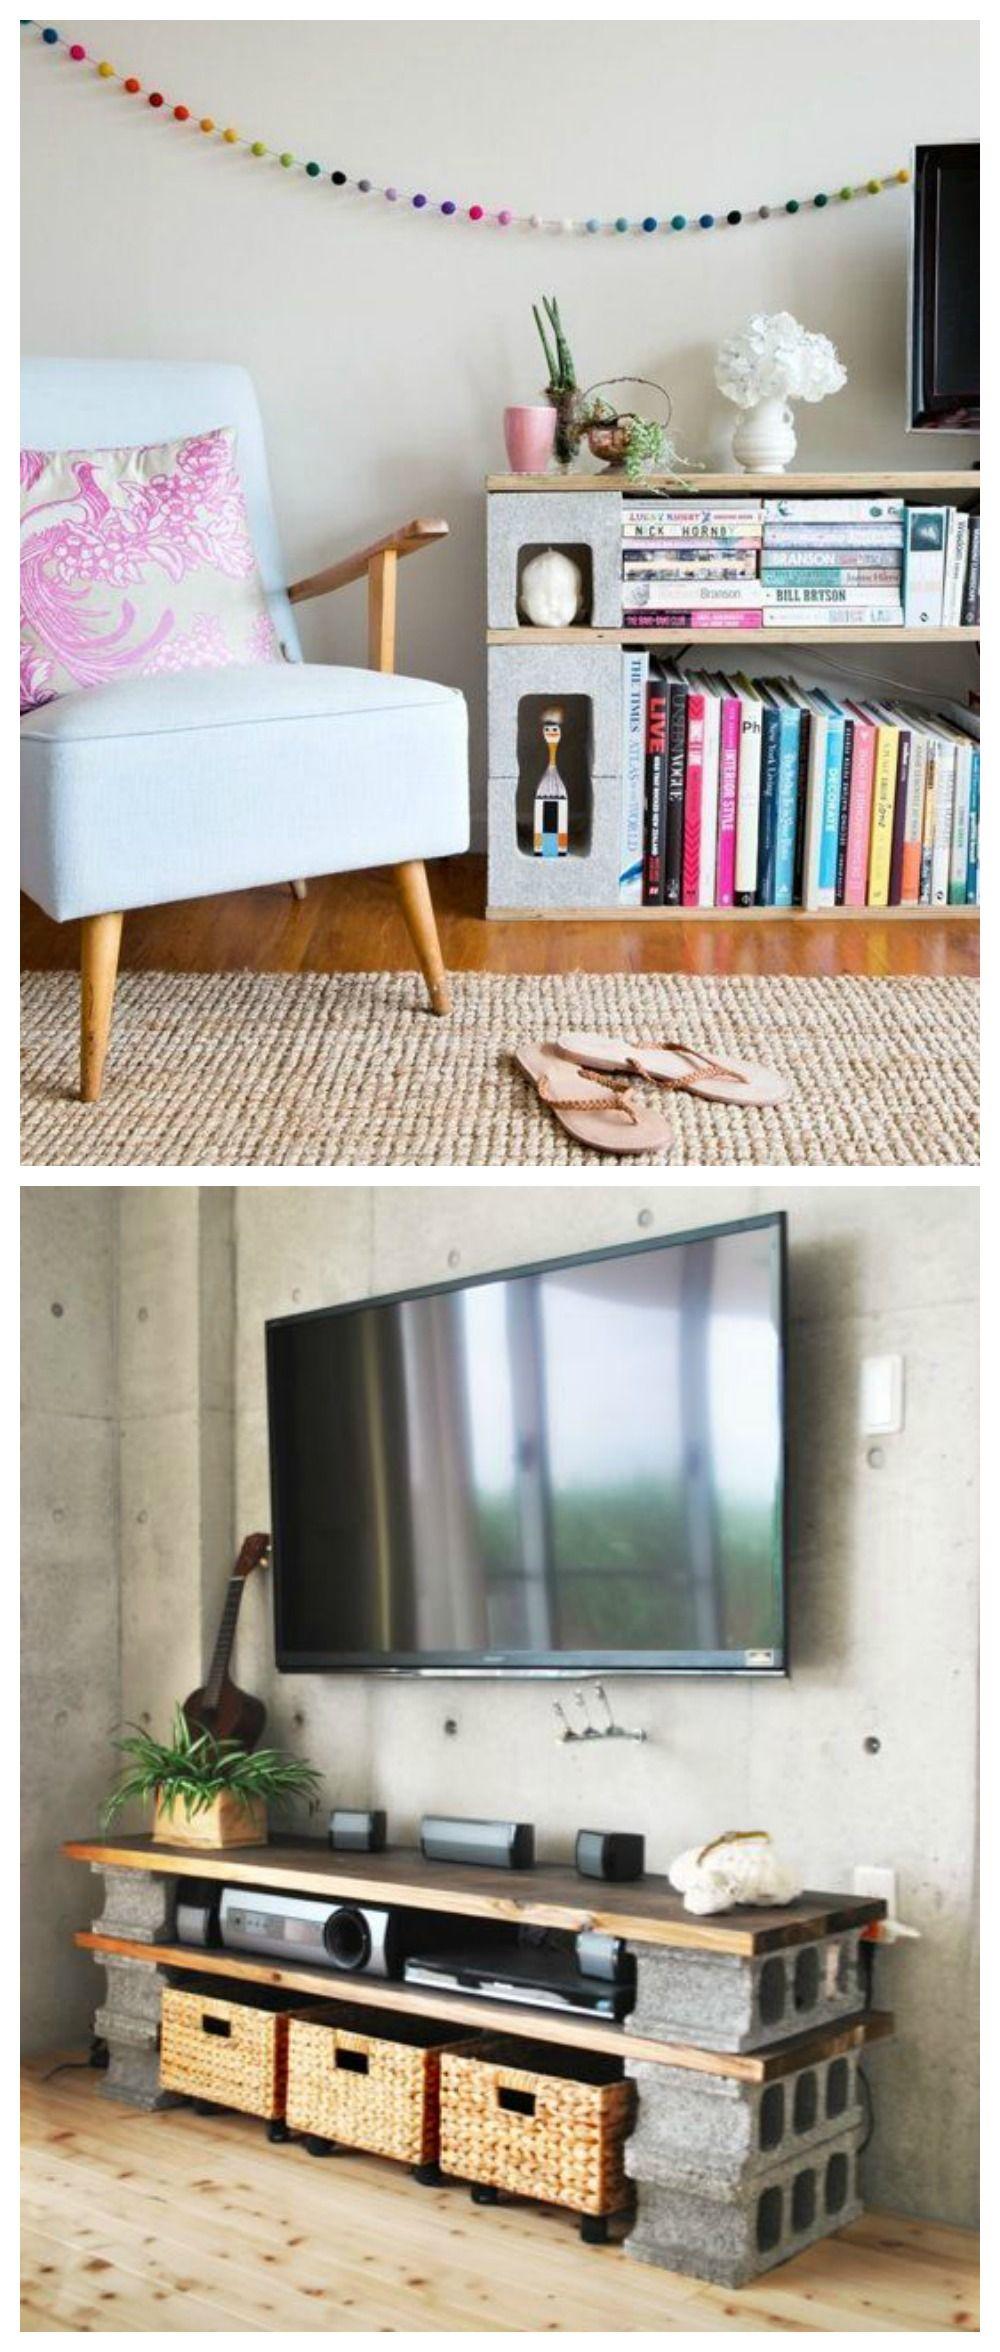 Muebles con bloques de hormigón | Bloques, Decoración y Hogar